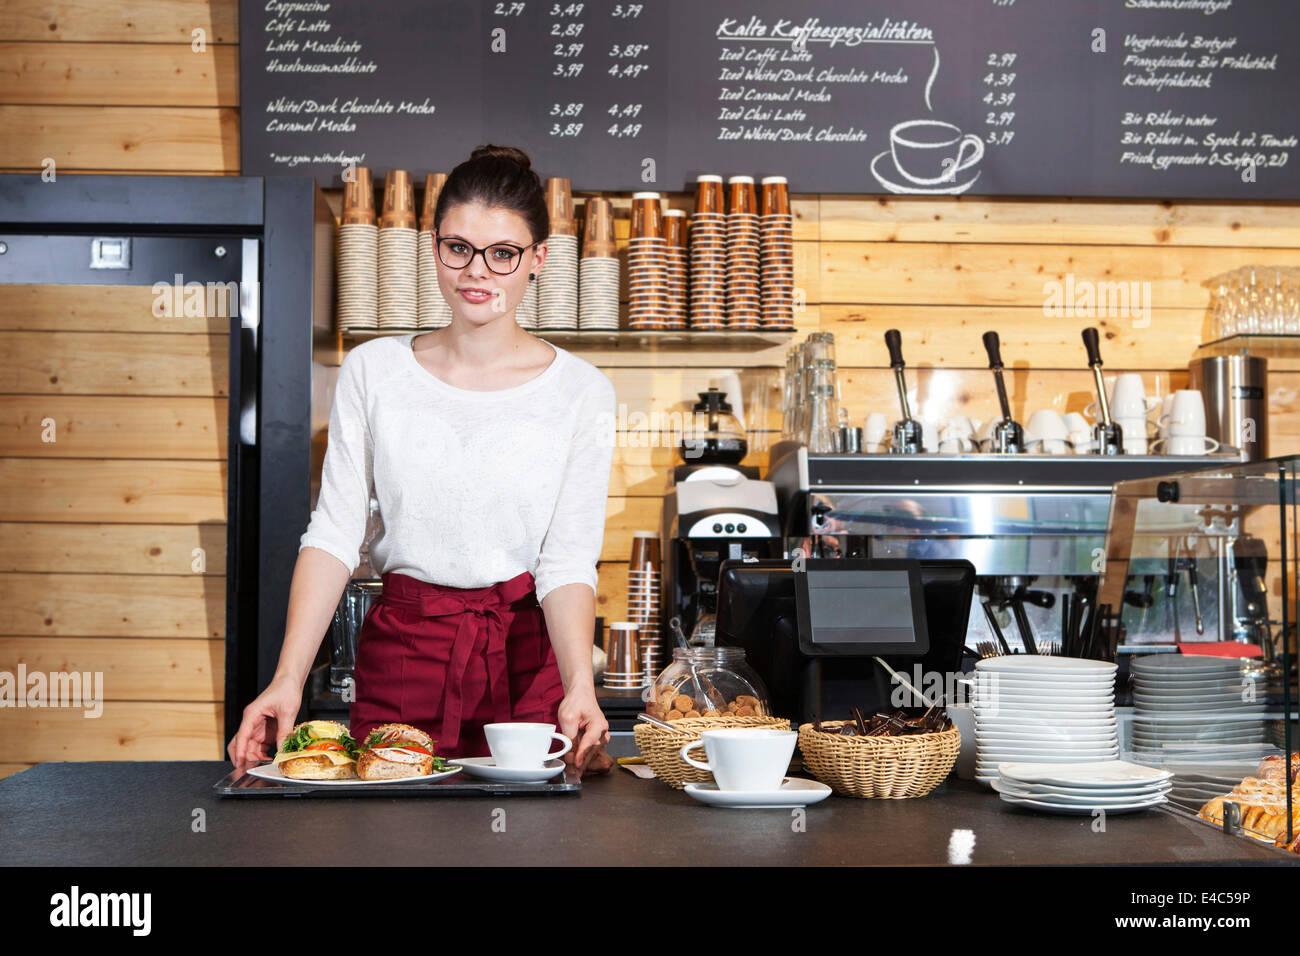 Serveuse dans un café servant des sandwiches dans un bac Photo Stock